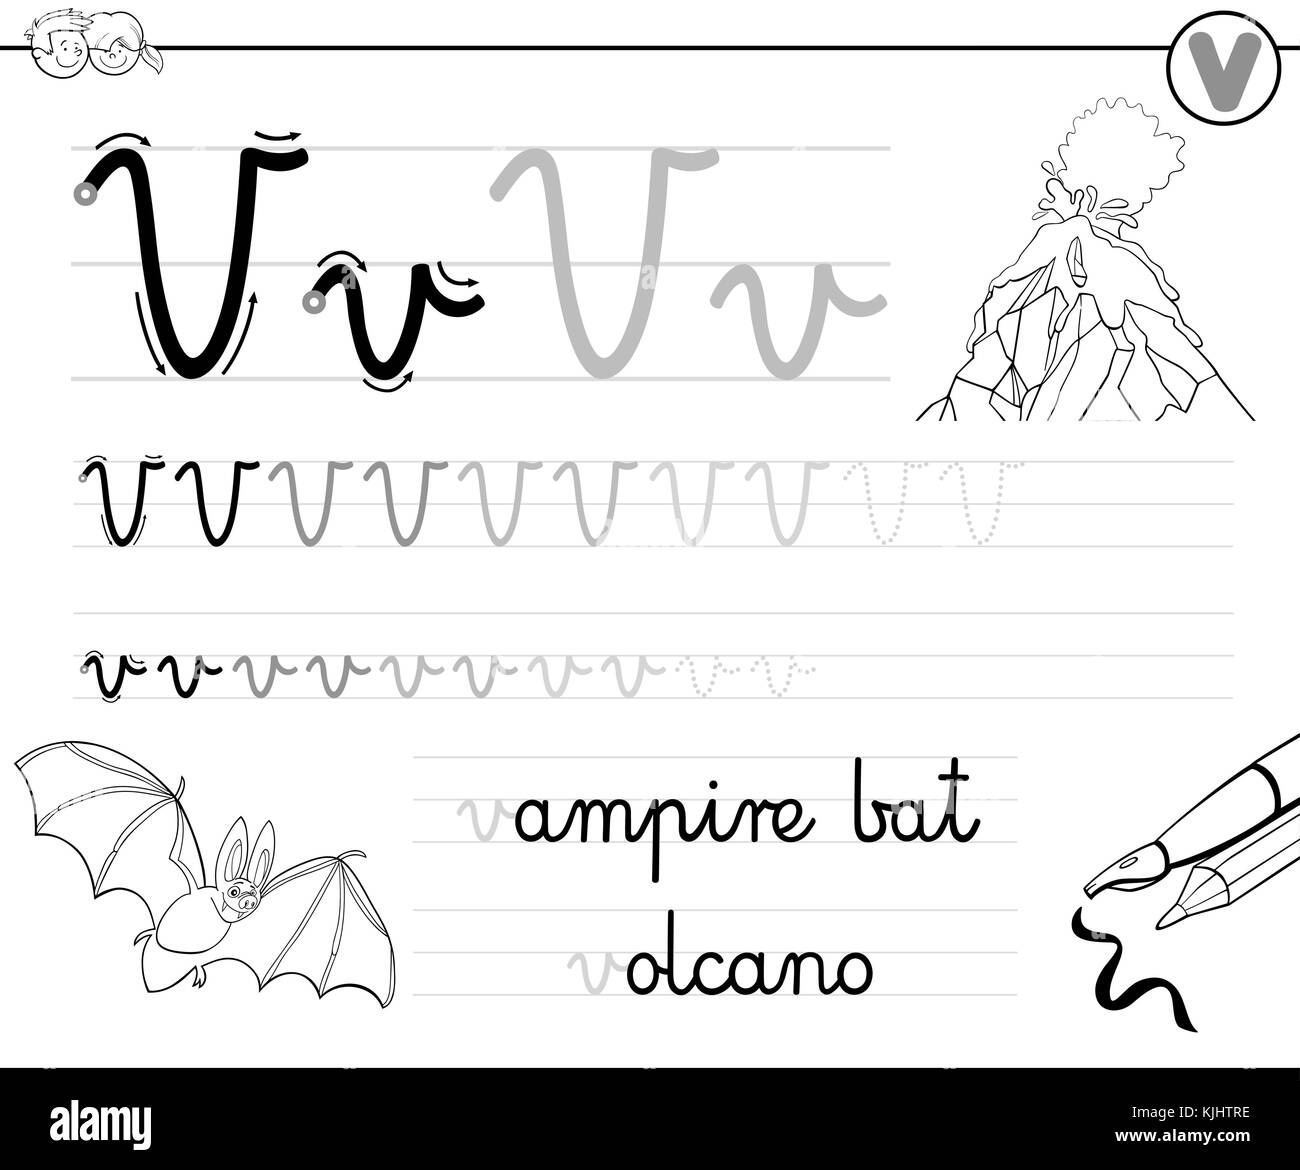 Schwarze und weiße Cartoon Illustration der Schreiben Fähigkeiten ...